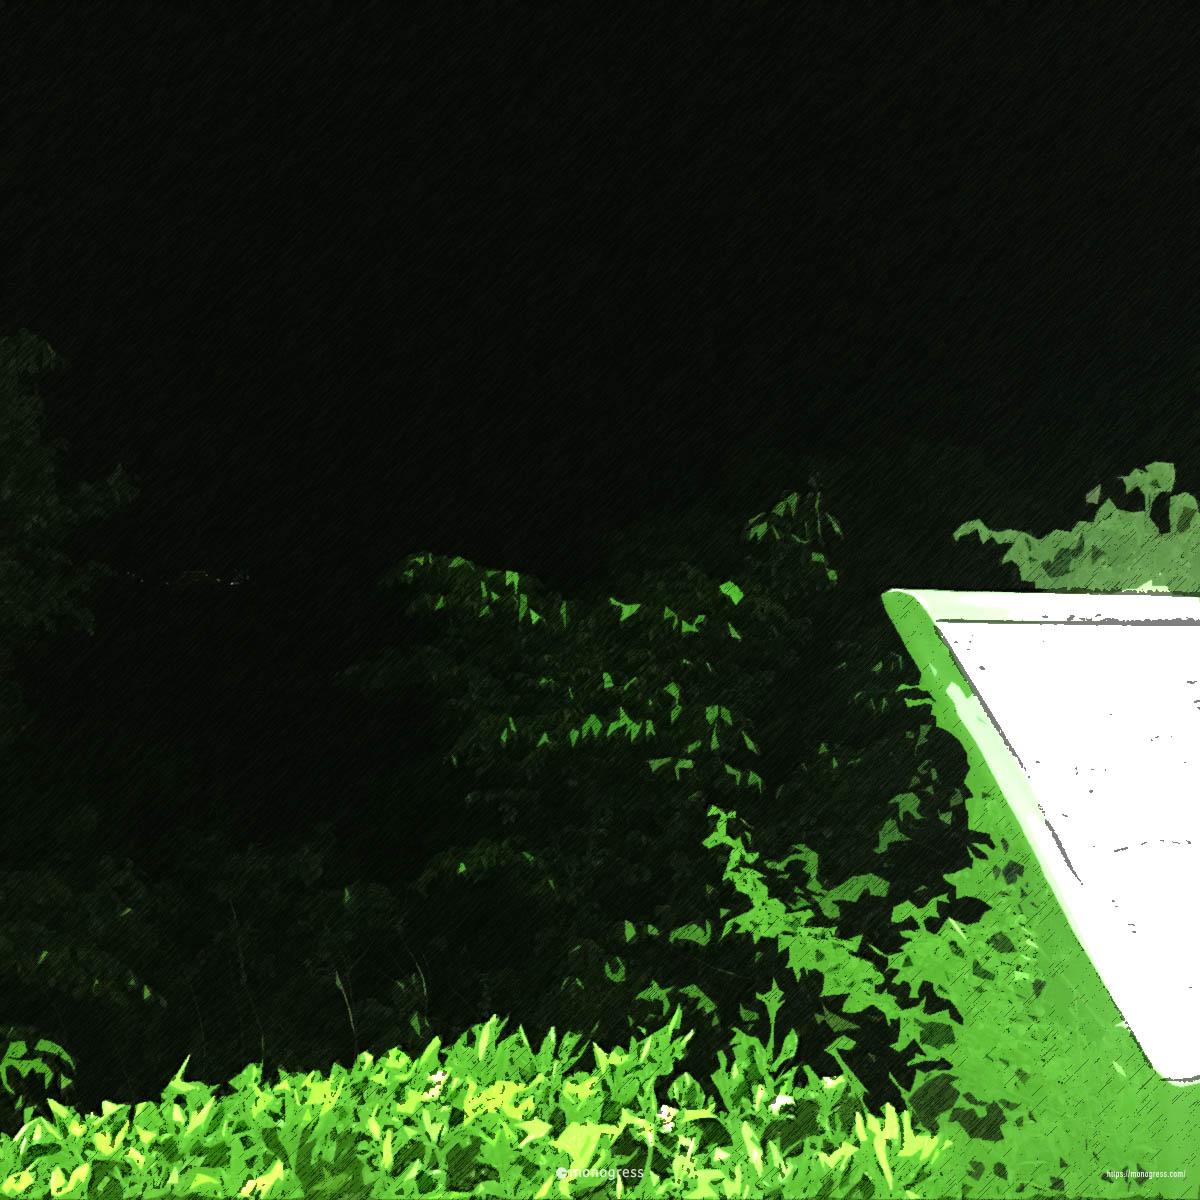 ロングドライブ 挿絵 浜名湖